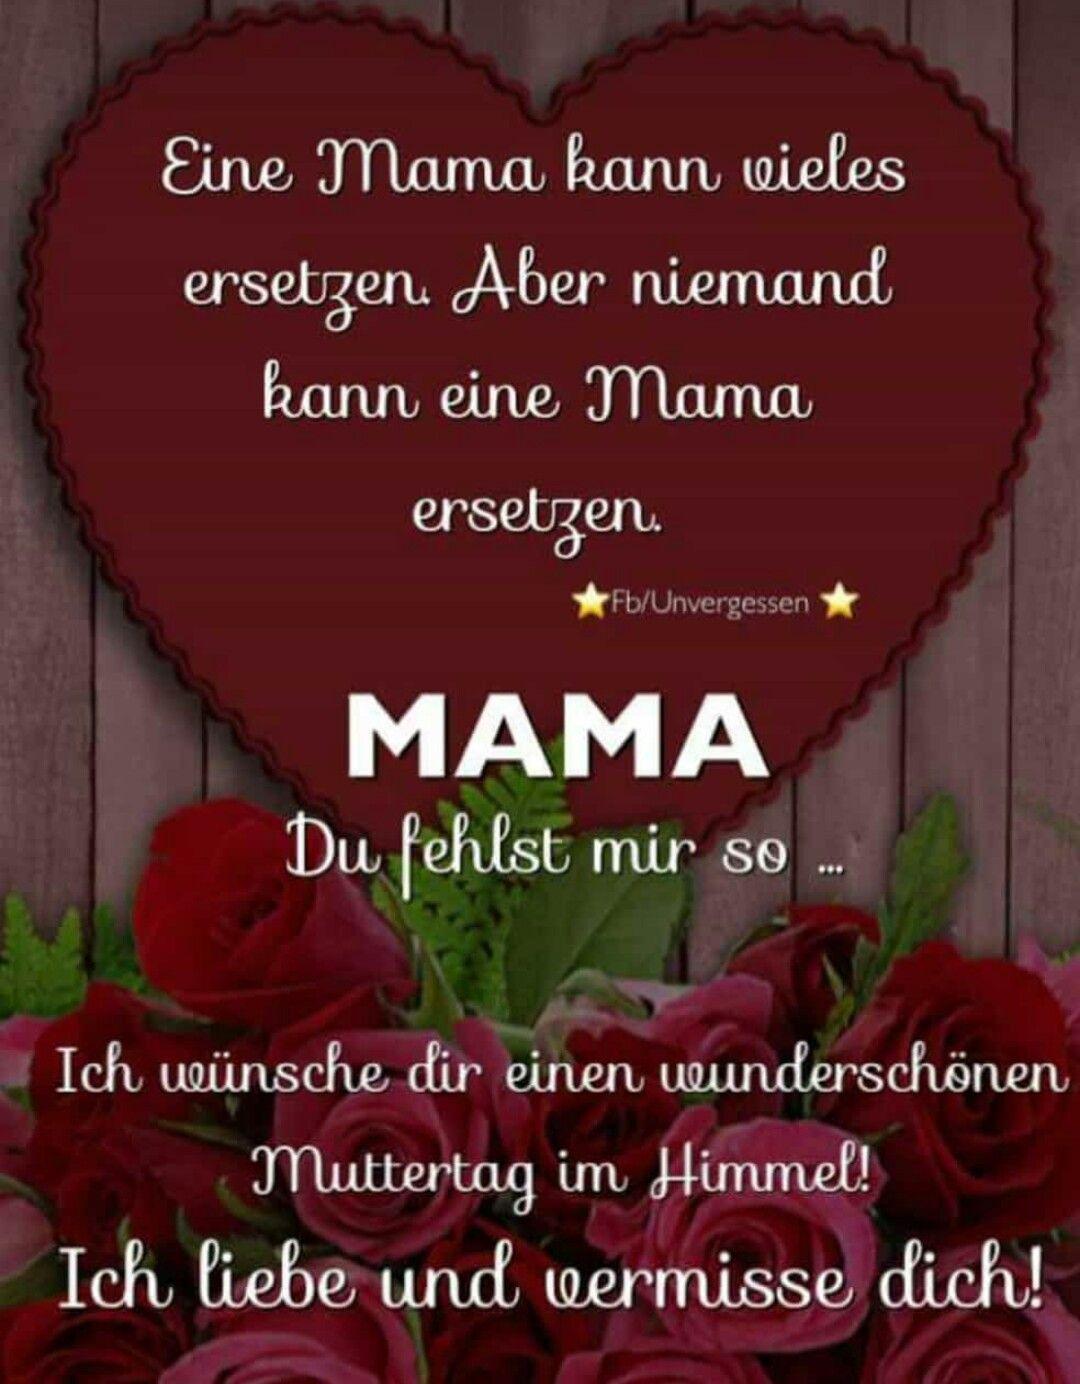 Pin von Bebi auf Mama | Muttertag im himmel, Geburtstag im